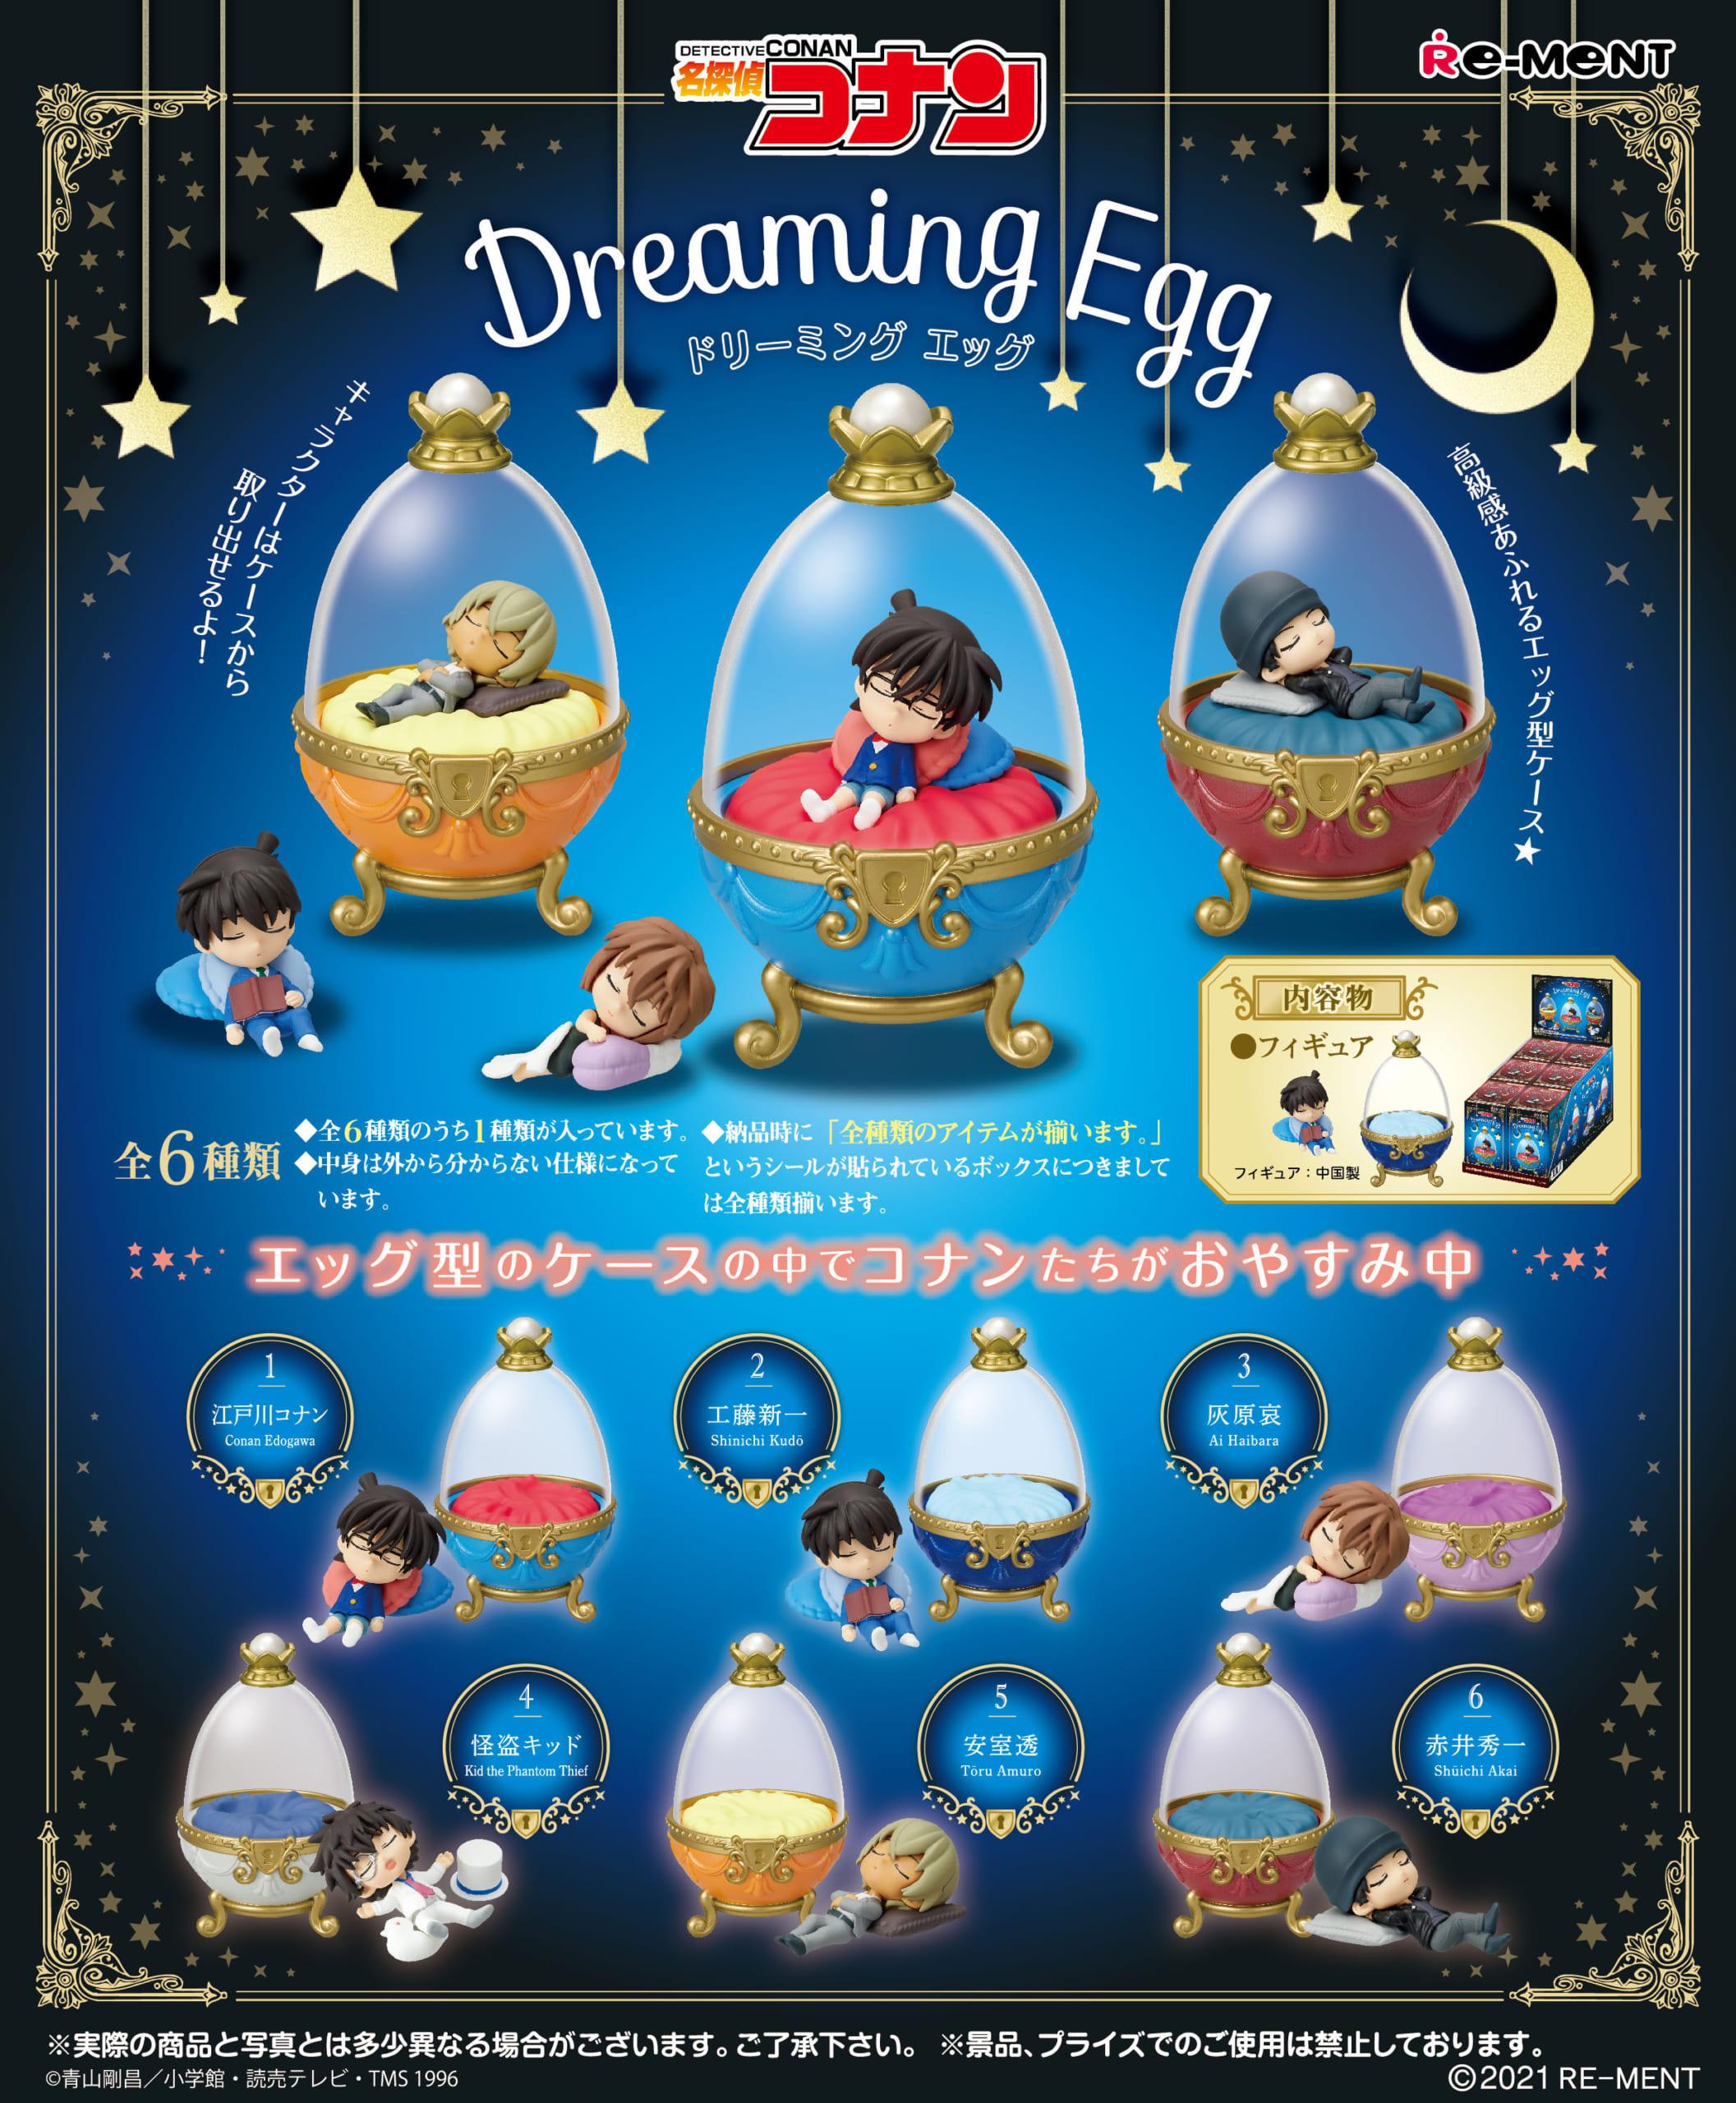 「名探偵コナン」ミニフィギュア「Dreaming Egg」が登場!「世紀末の魔術師」に登場するエッグ風グッズにテンション爆上げ